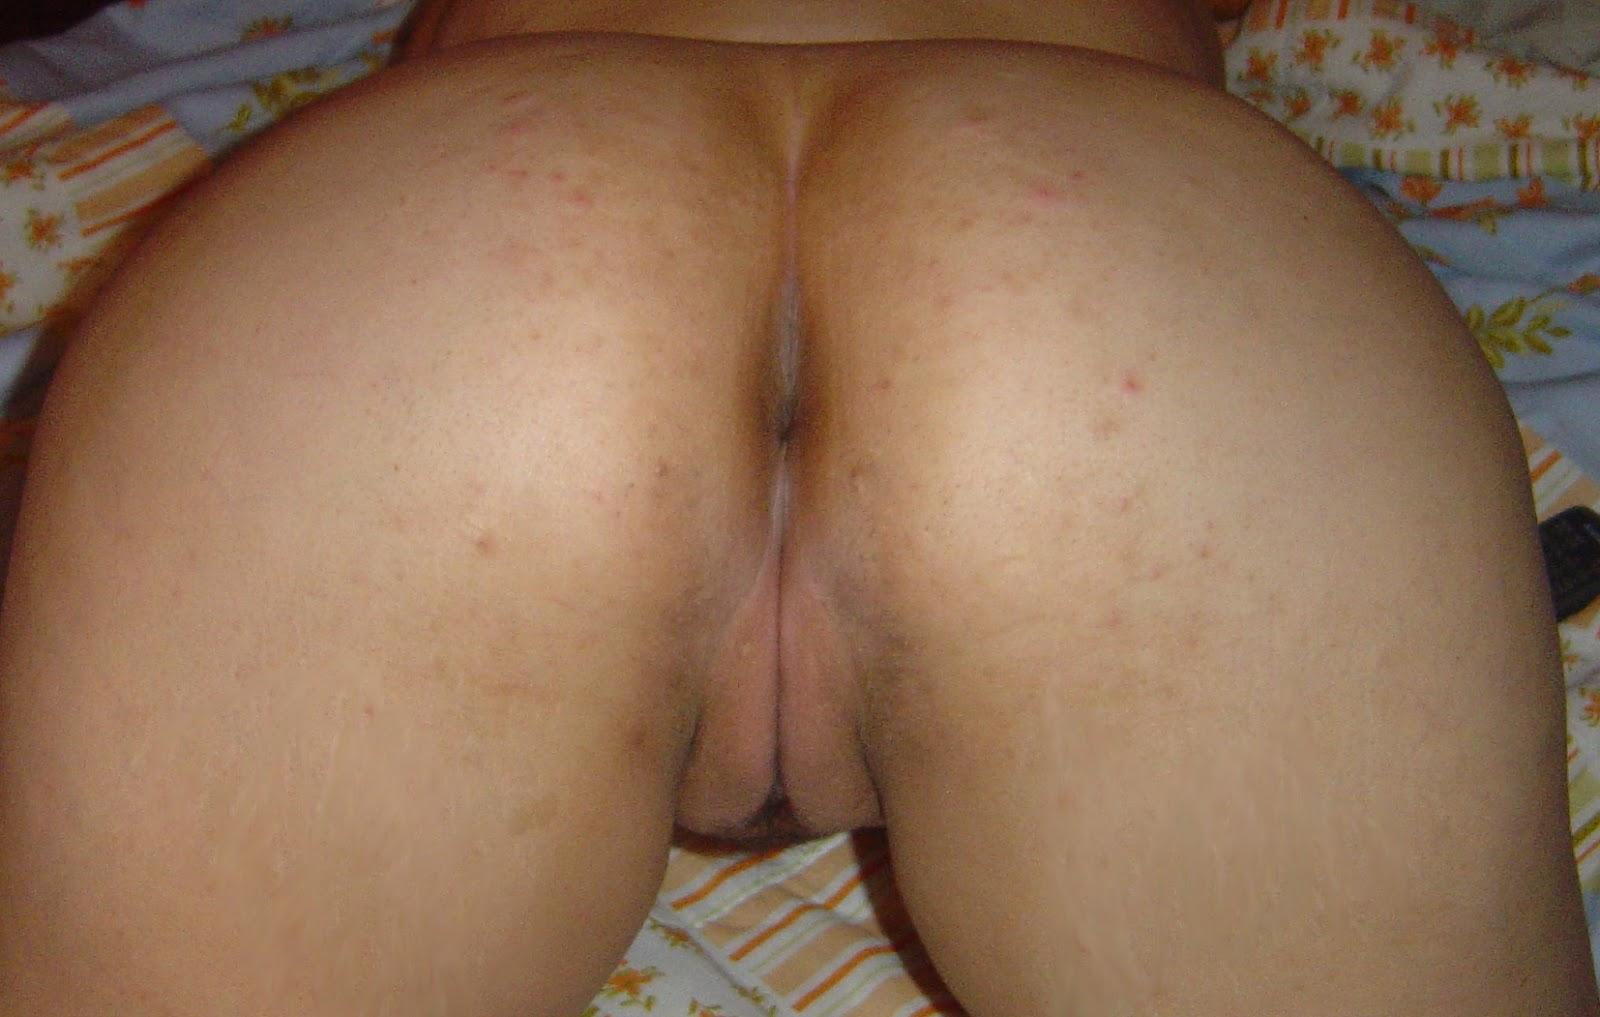 Postado por Corno e Putinha às 07:40 Um comentário:: cornoeputinha.blogspot.com.br